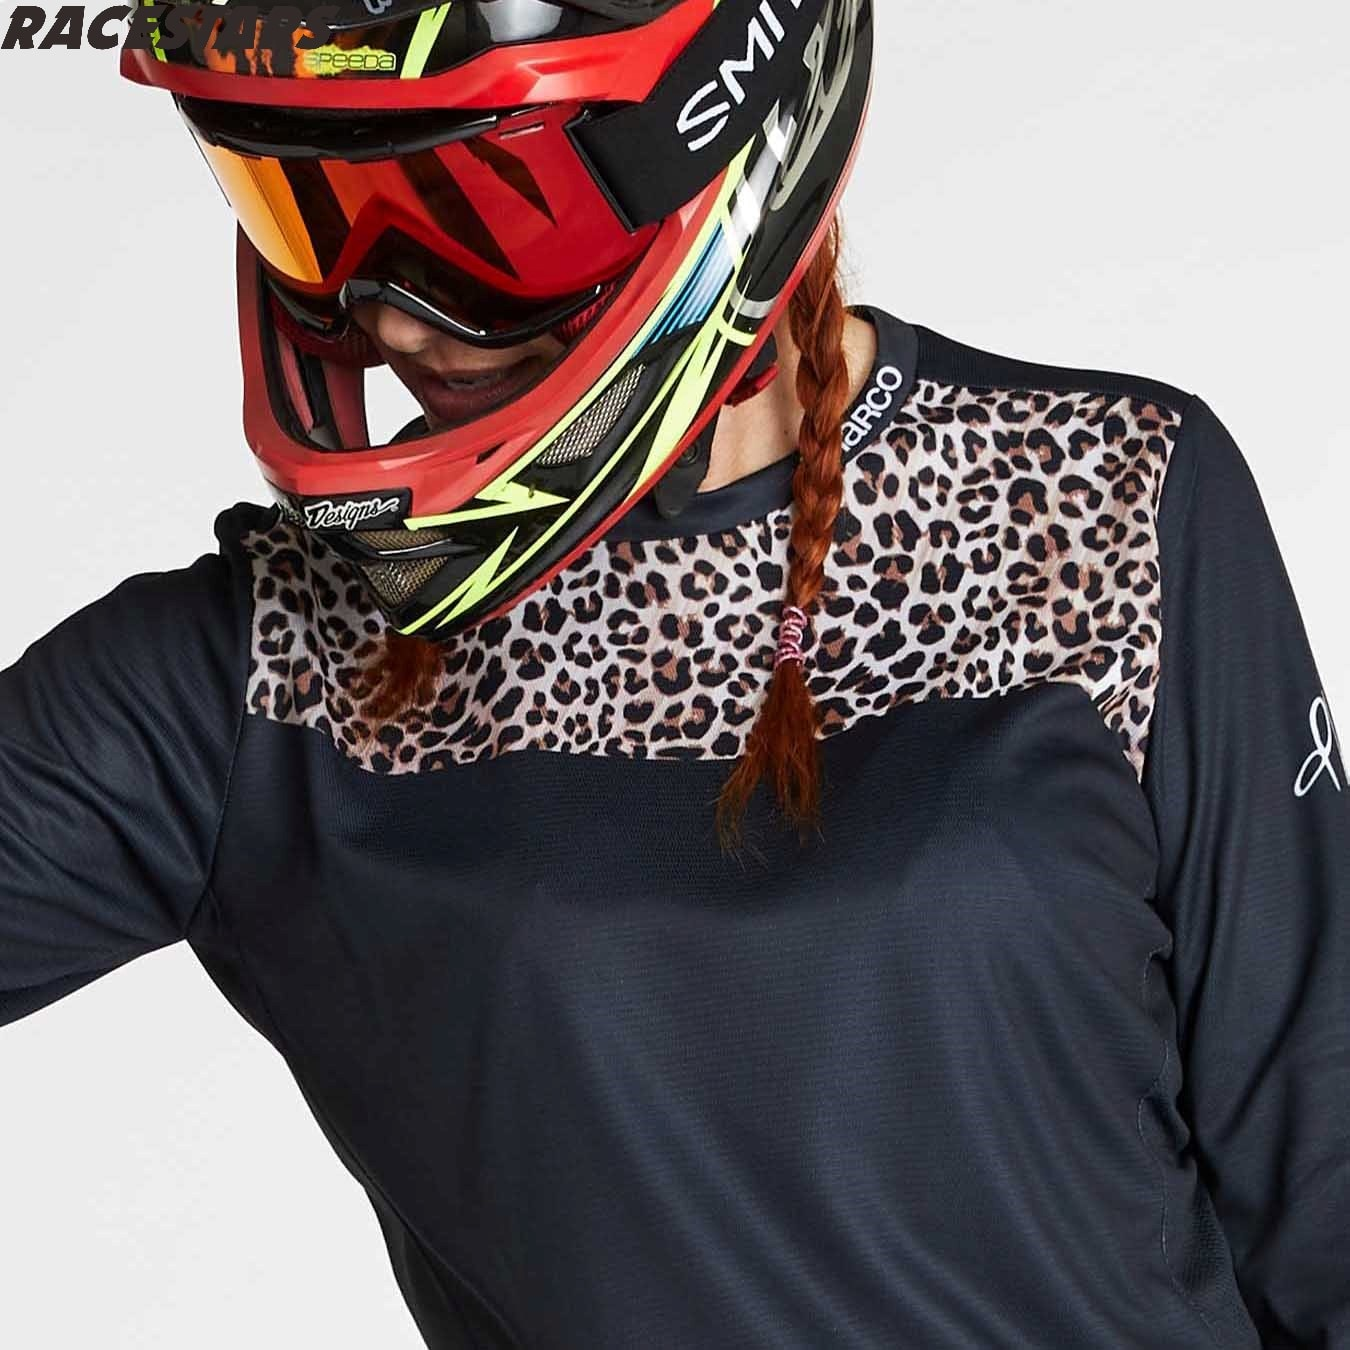 DHARCO-Camiseta de Enduro de montaña para mujer, camiseta de Motocross MTB, camiseta...